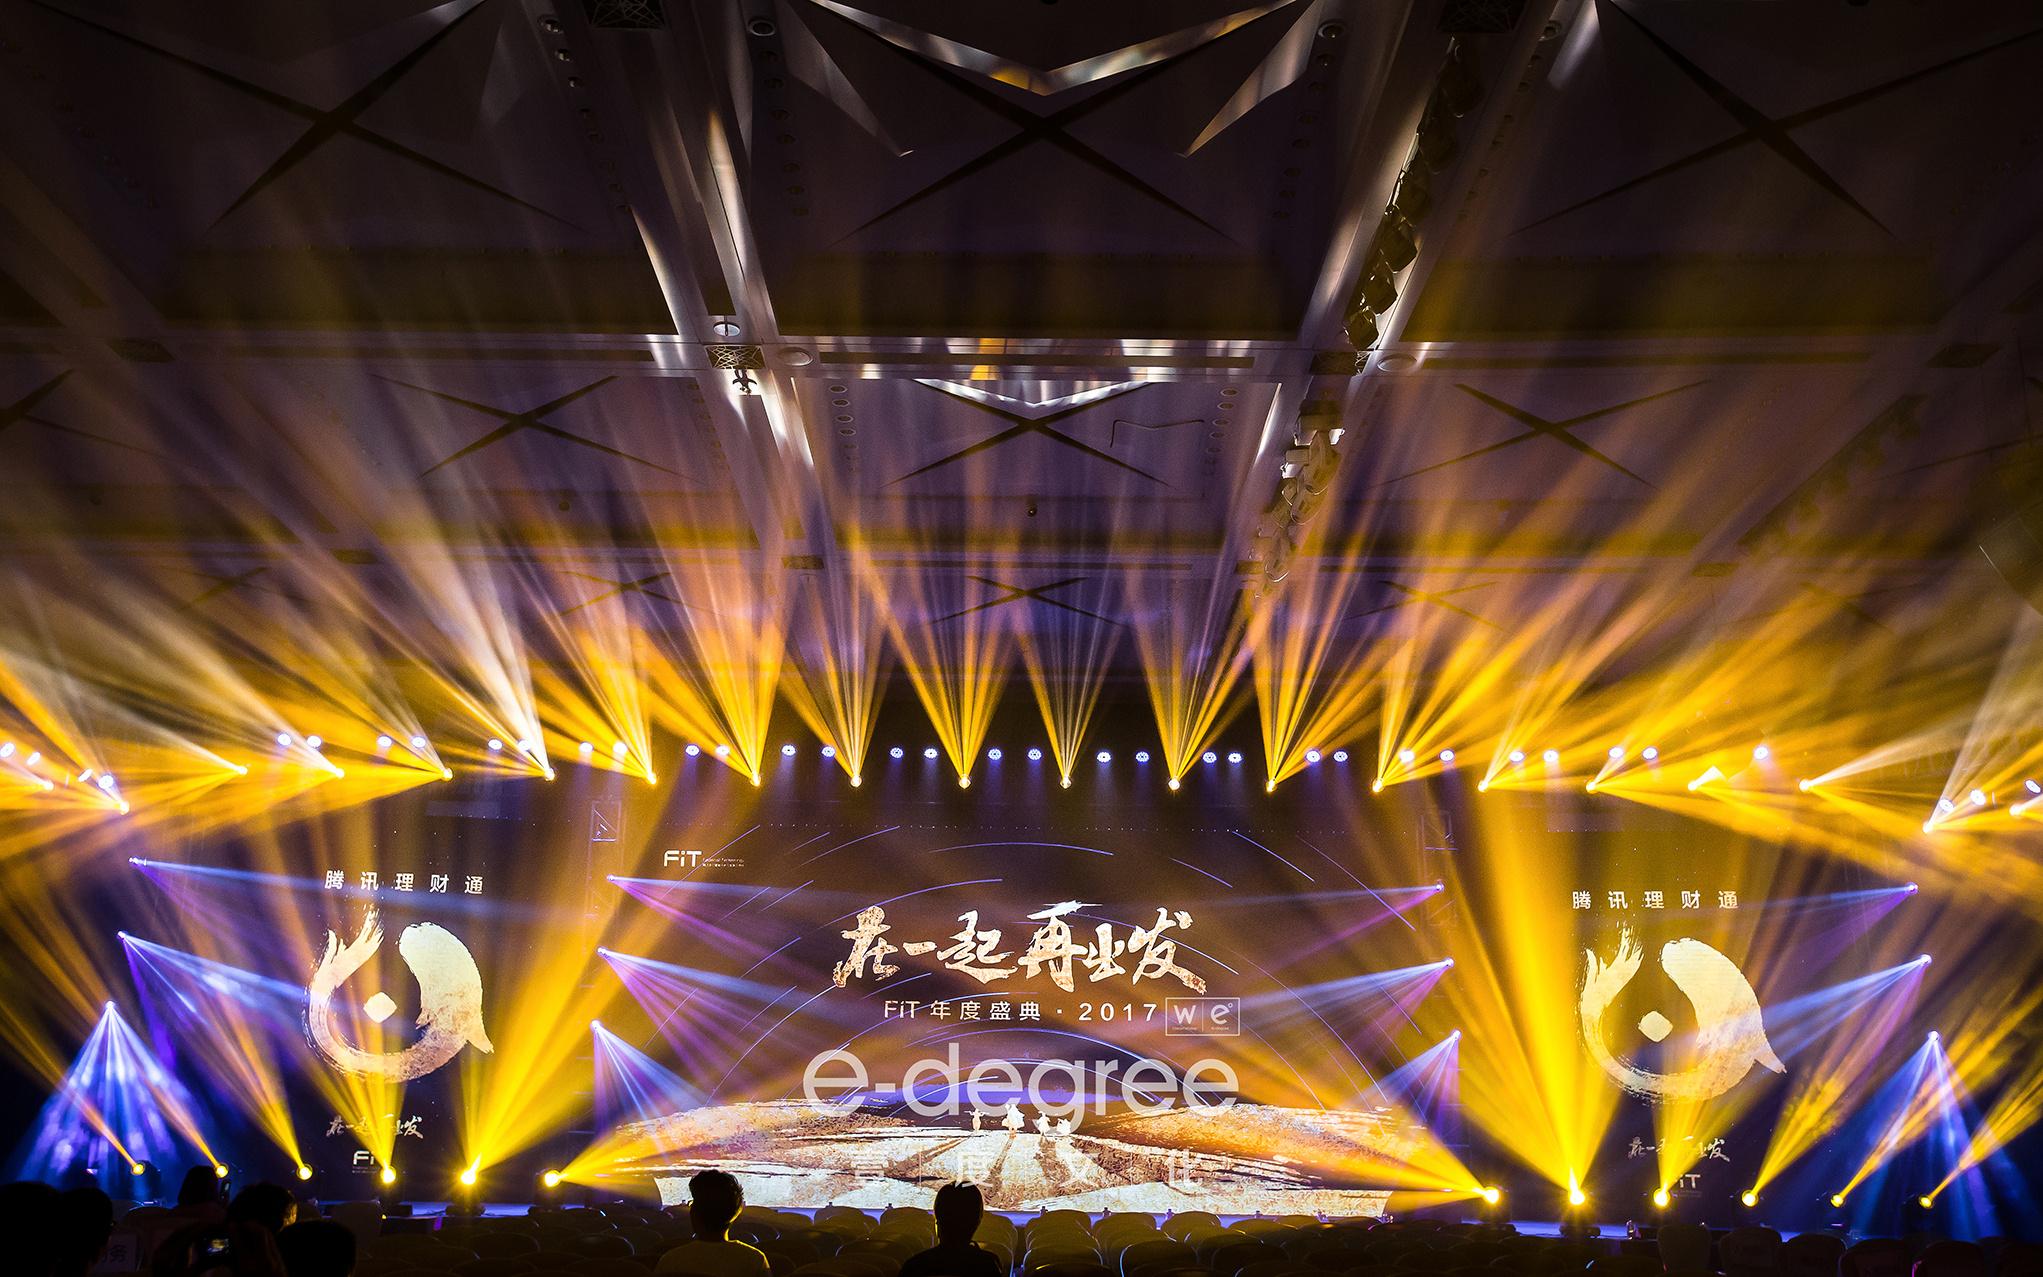 2018 腾讯fit部门年会晚宴/活动策划/设计/舞美